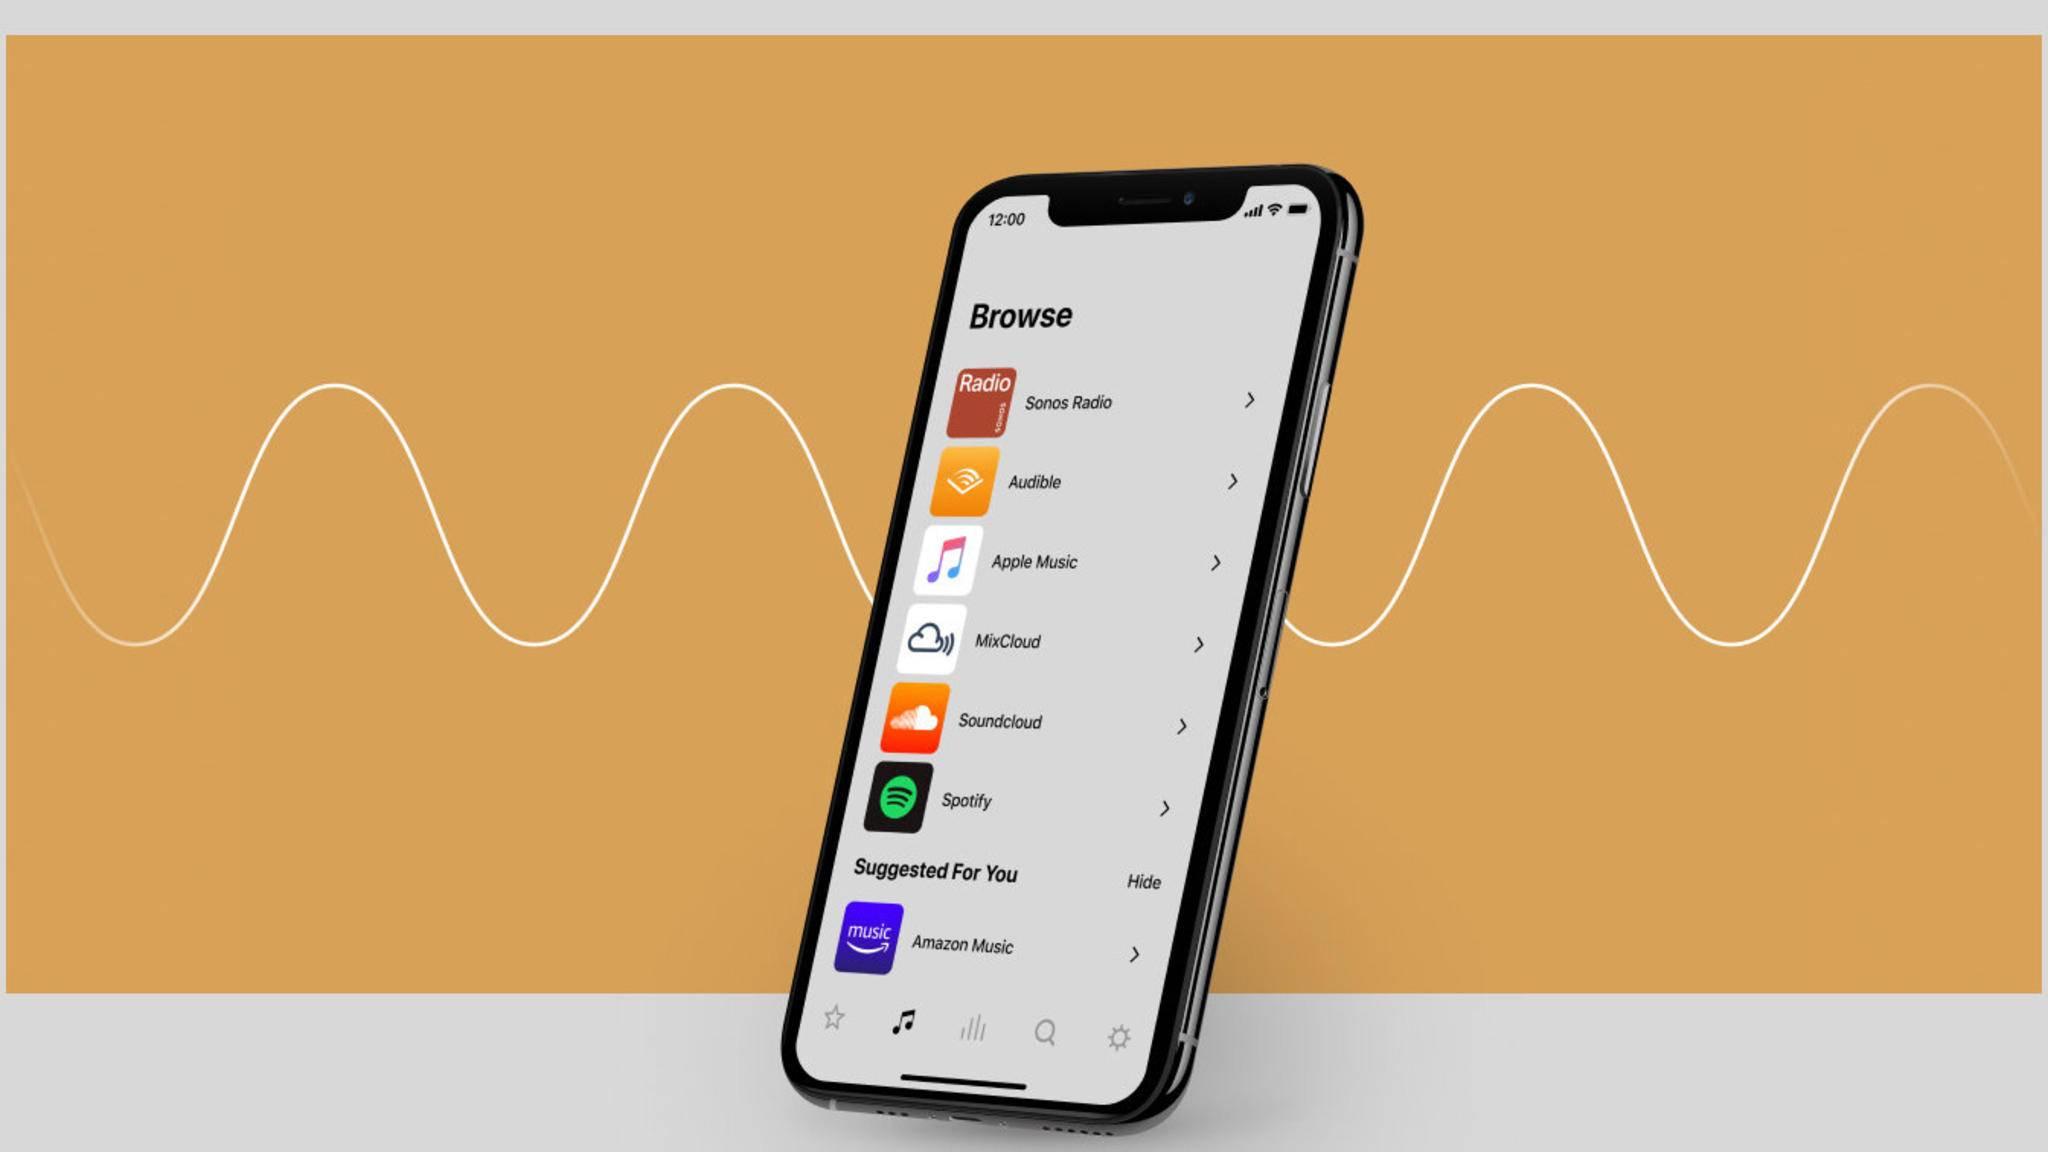 sonos-s2-app